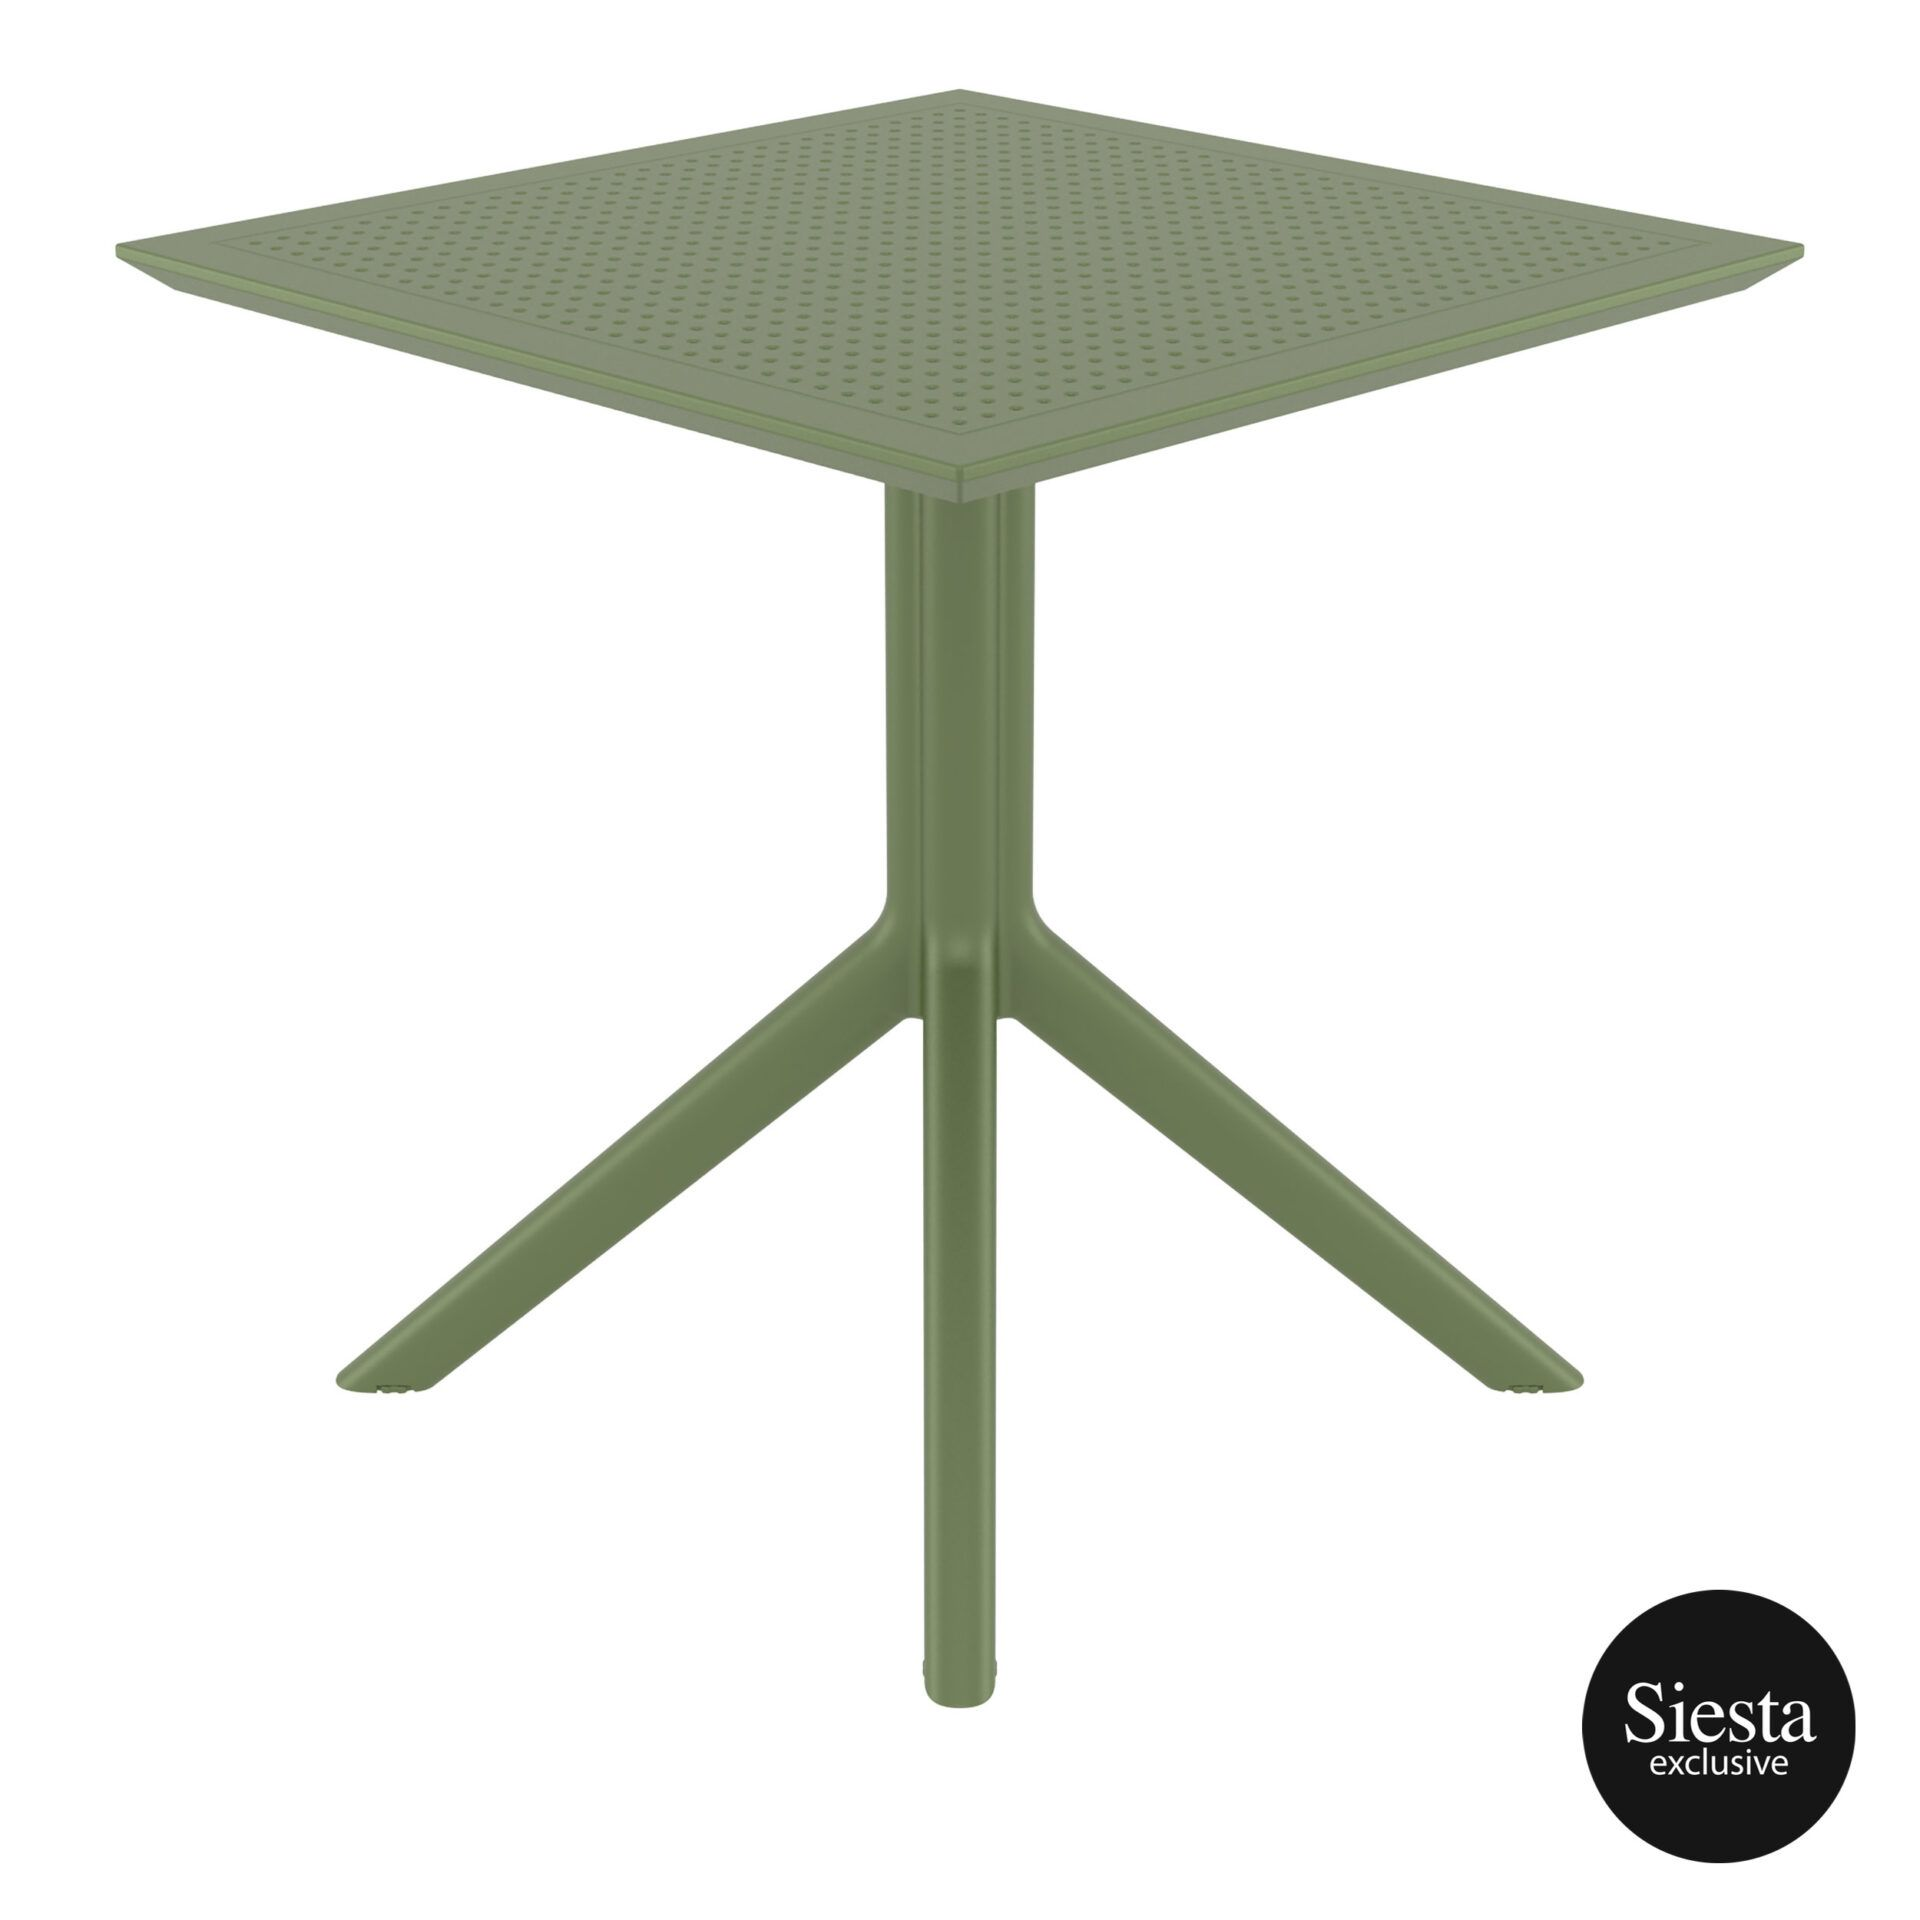 polypropylene outdoor cafe sky table 70 olive green side 1